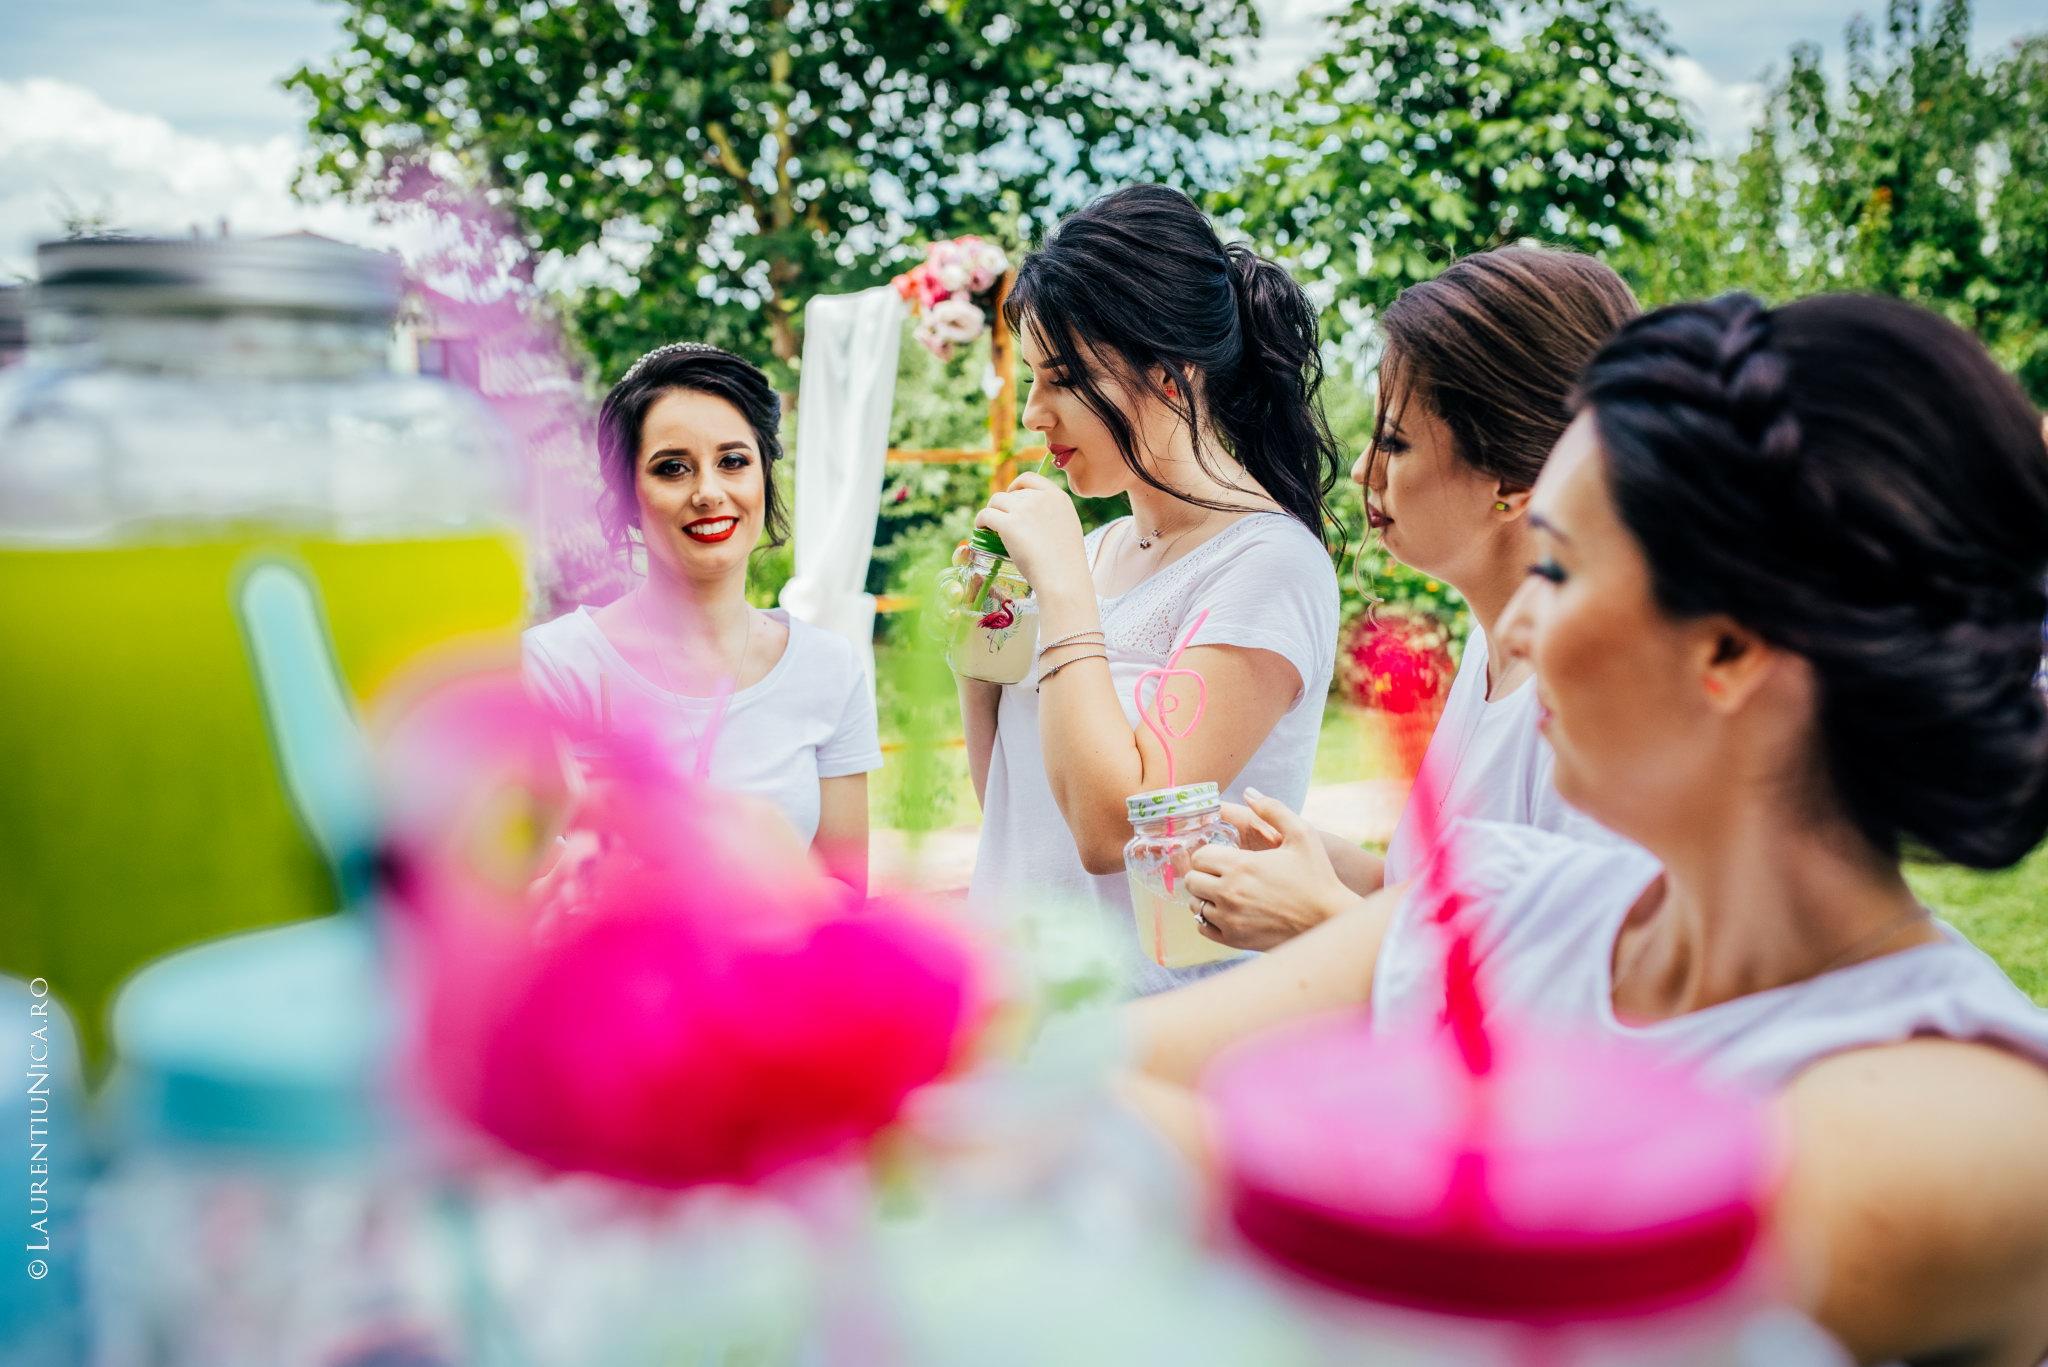 fotografii nunta denisa si florin craiova 04 - Denisa & Florin | Fotografii nunta | Craiova